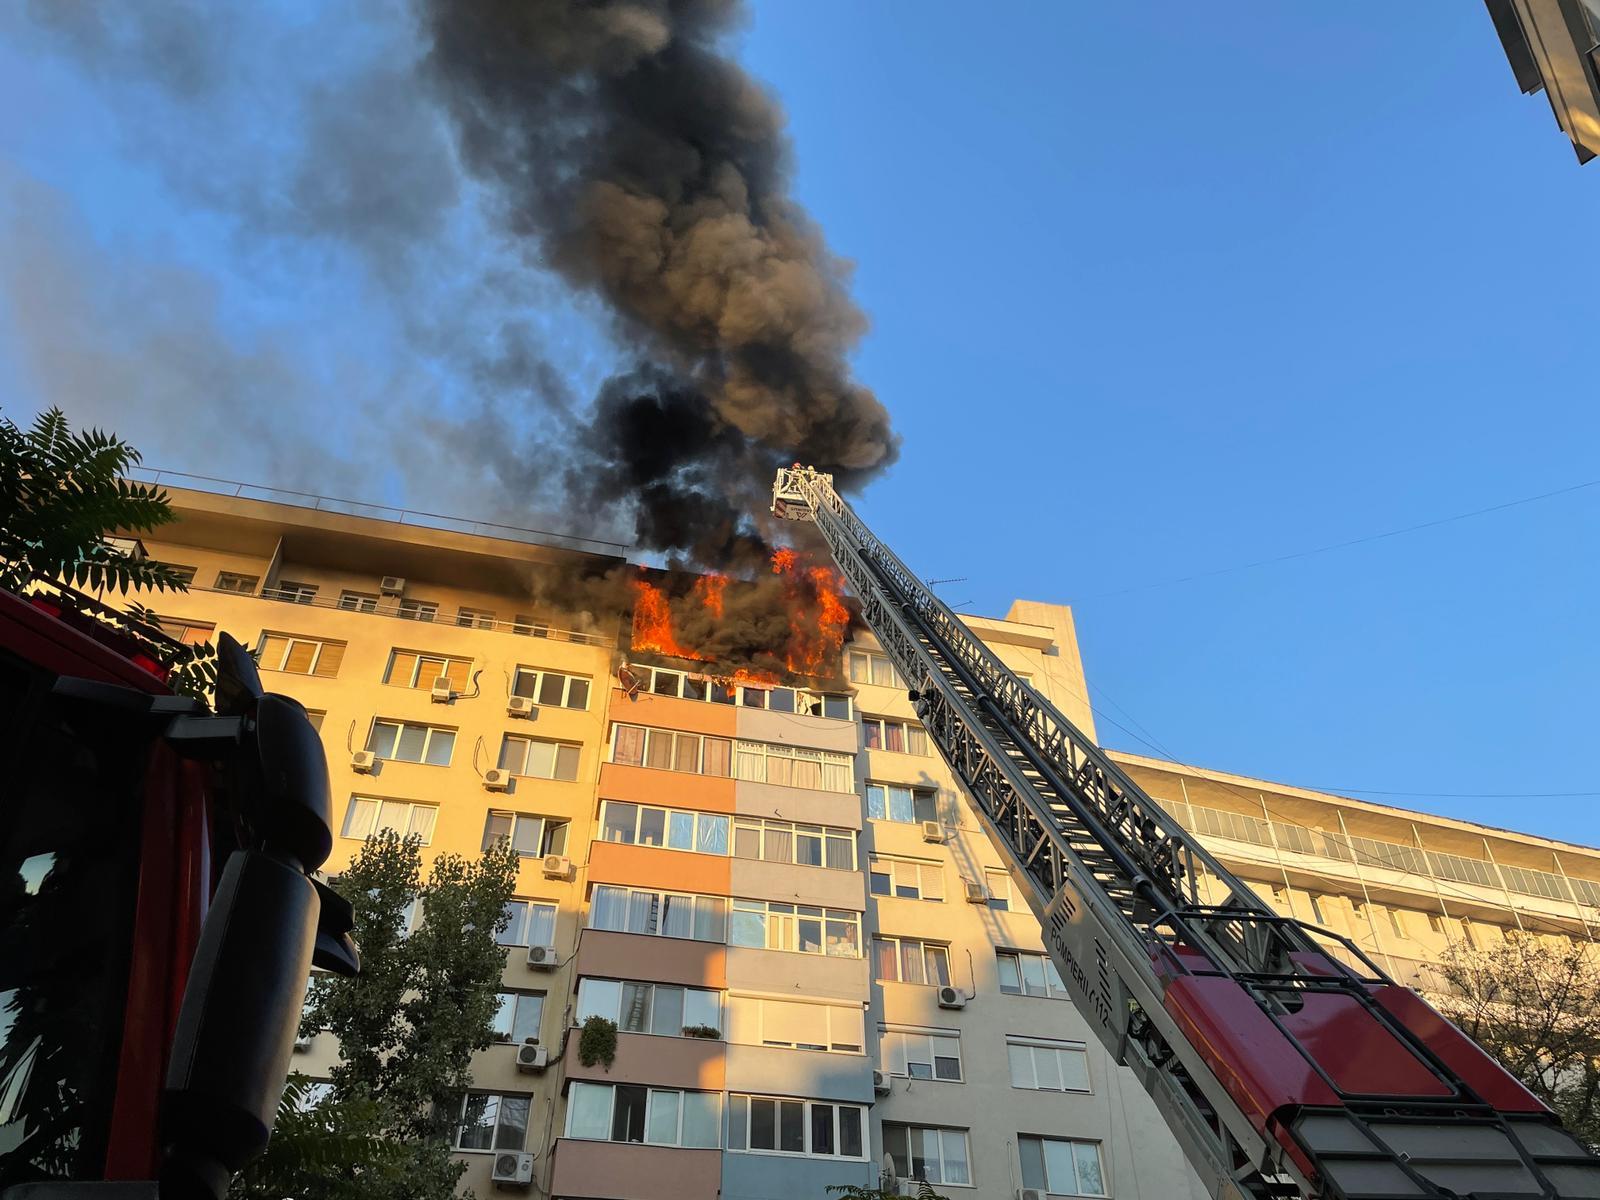 Incendiu violent, cu risc de extindere, într-un bloc de lângă Sala Palatului. VIDEO